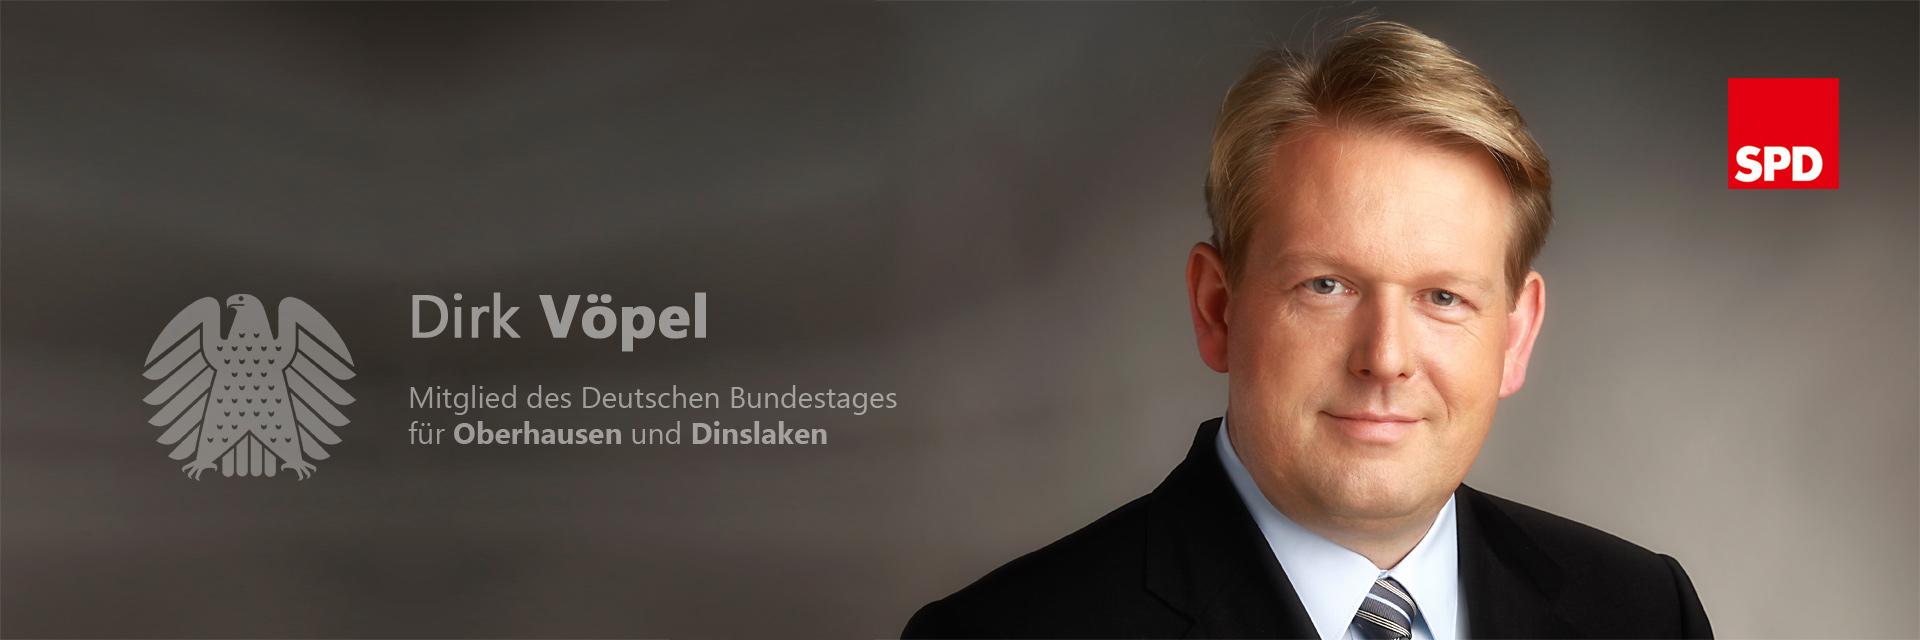 Die Website von Dirk Vöpel – Mitglied des Deutschen Bundestages für Oberhausen und Dinslaken